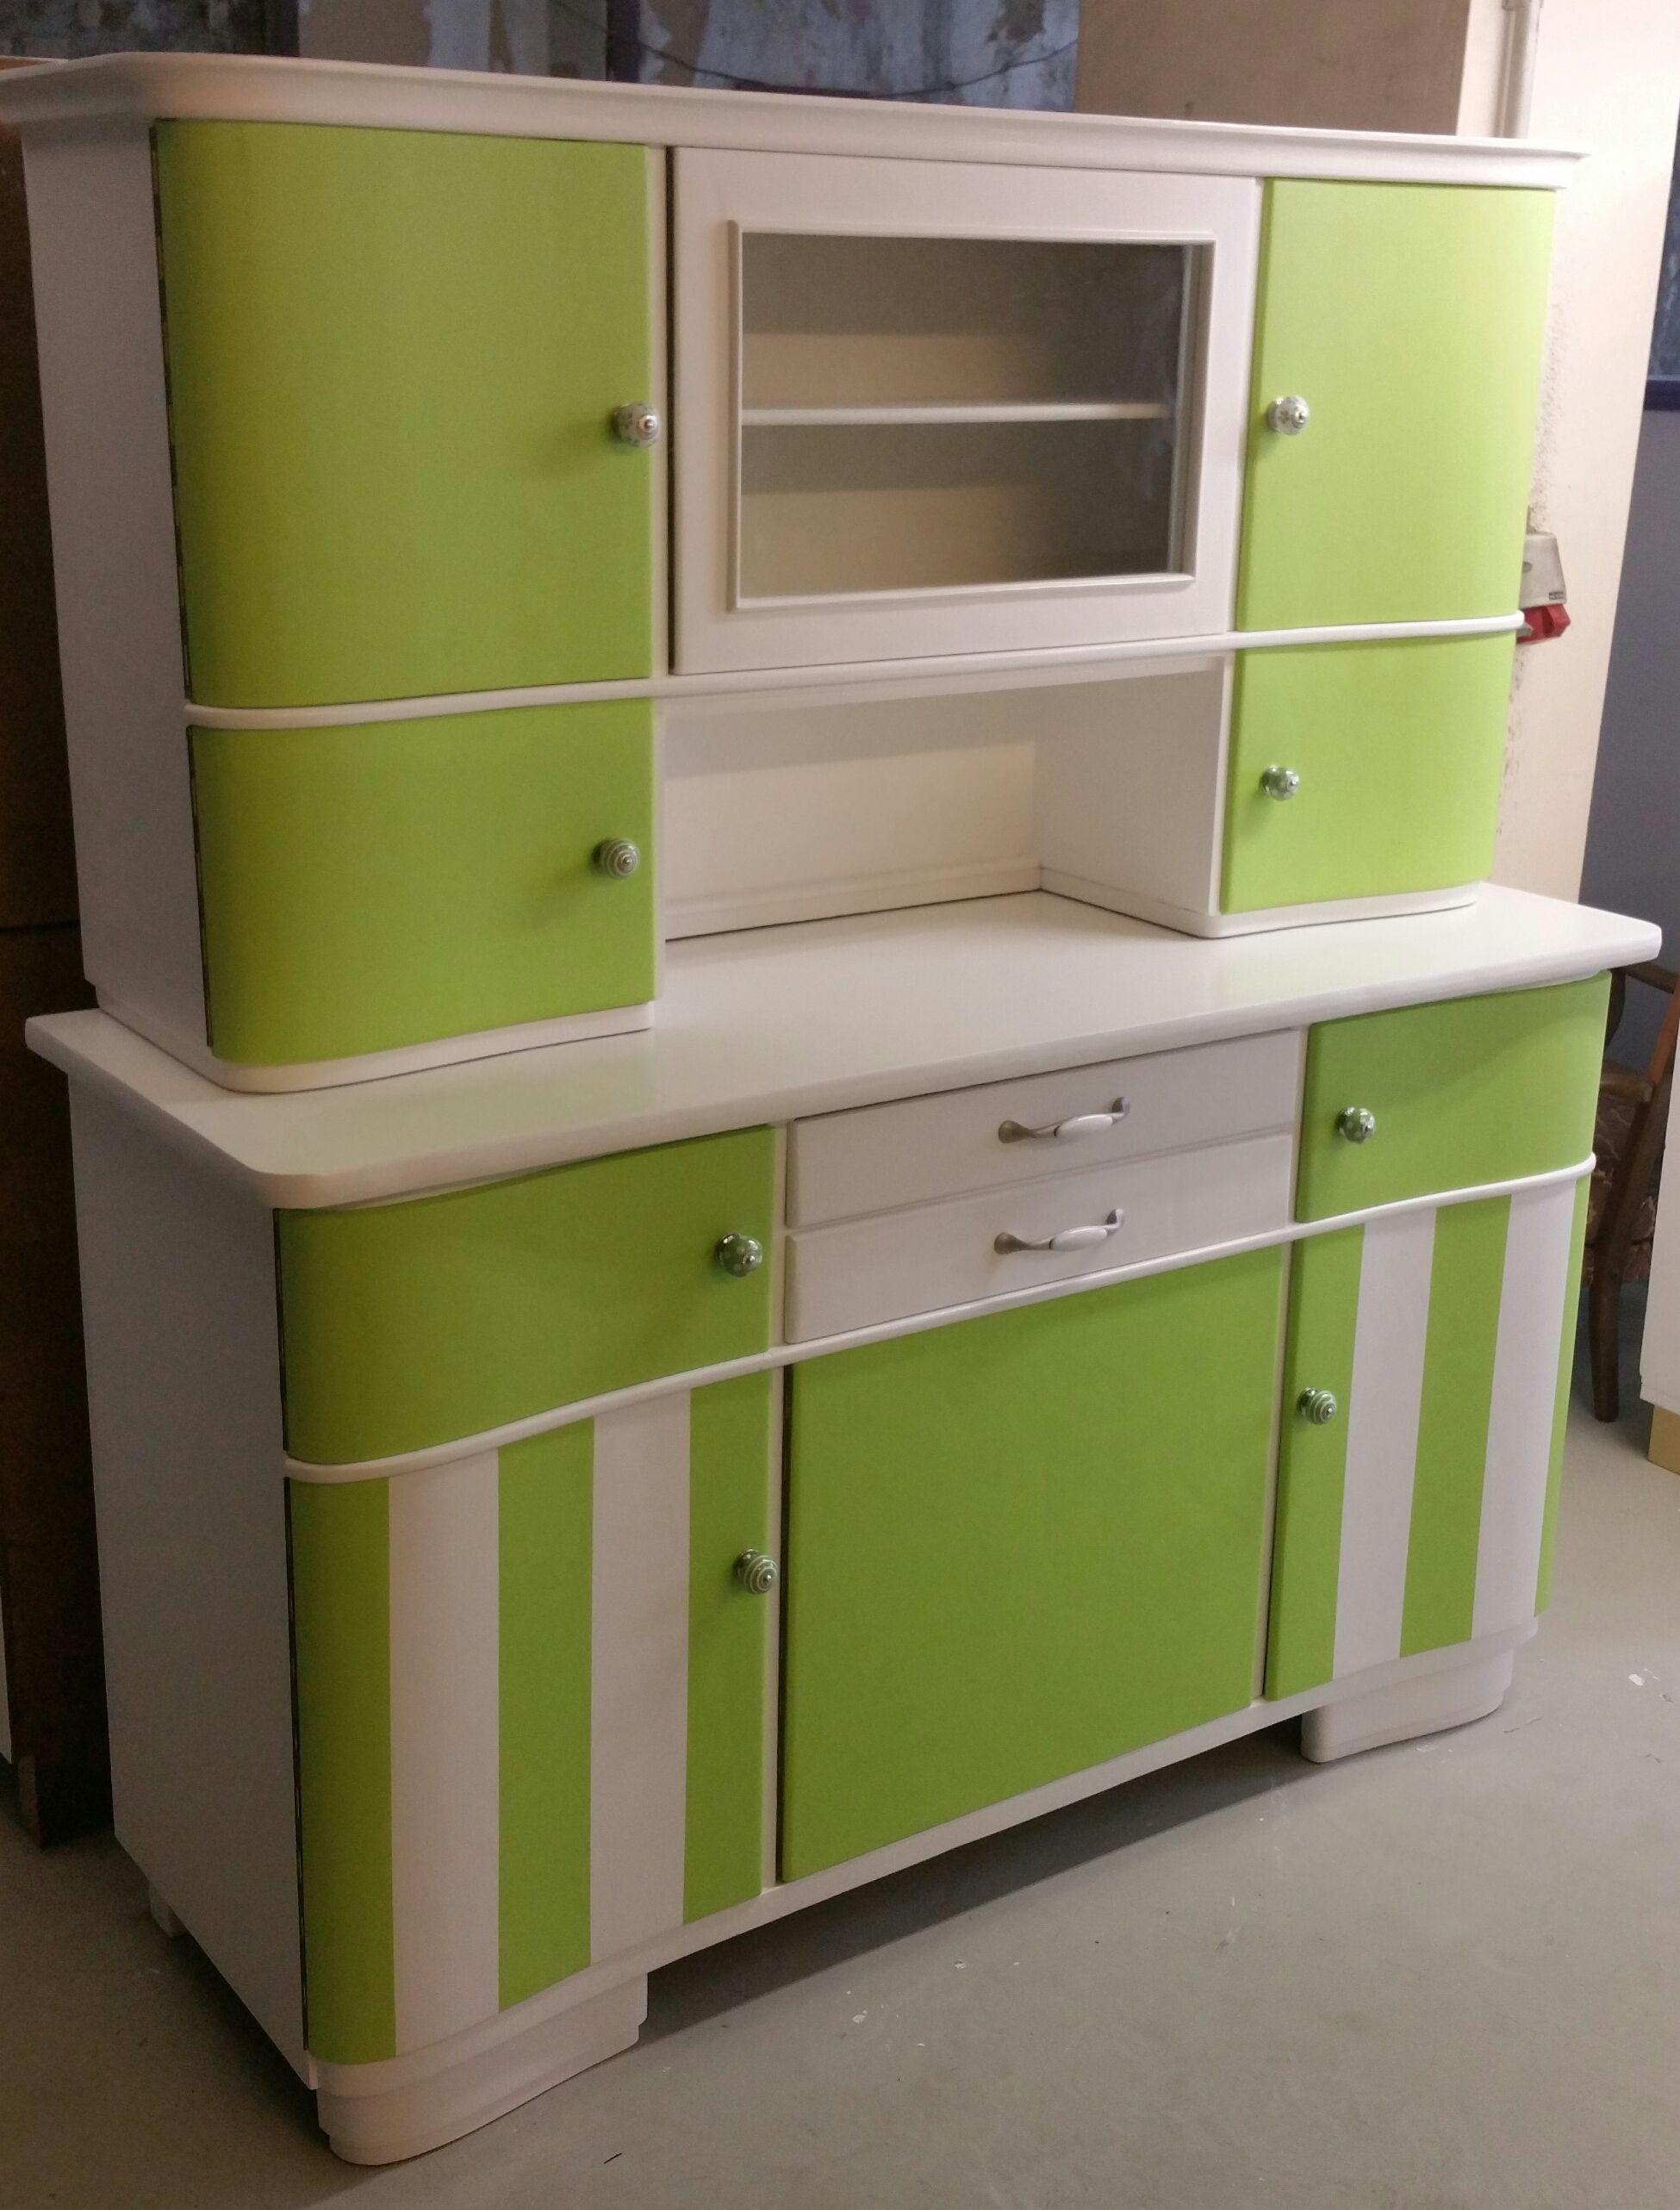 k chenbuffet 50er m bel redesign individuell nach ihren vorstellungen https www. Black Bedroom Furniture Sets. Home Design Ideas